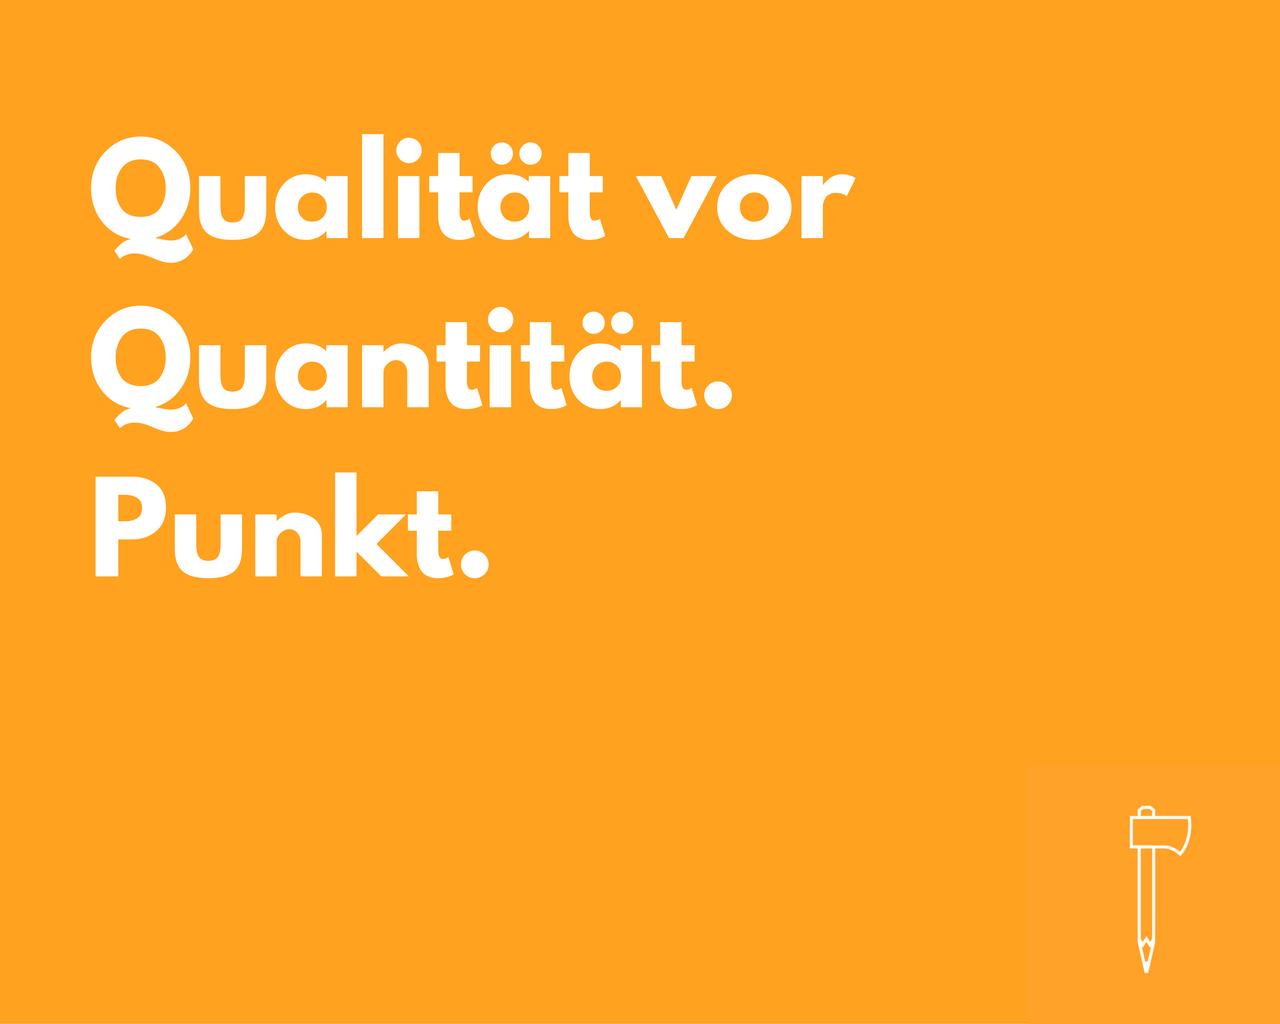 Qualität-vor-Quantität.